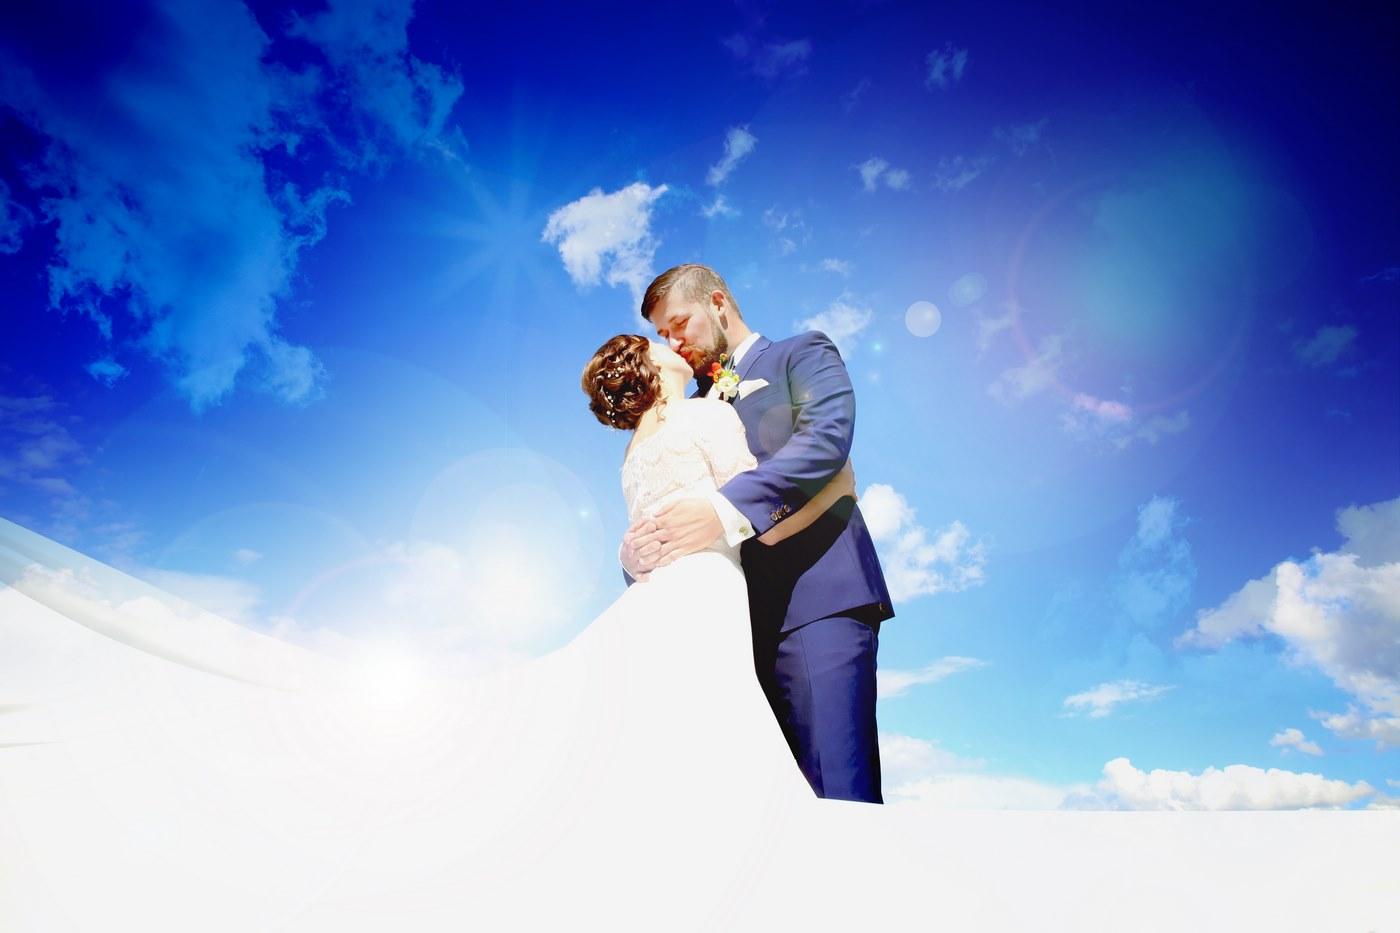 Küssendes Brautpaar vor strahlend blauen Himmel